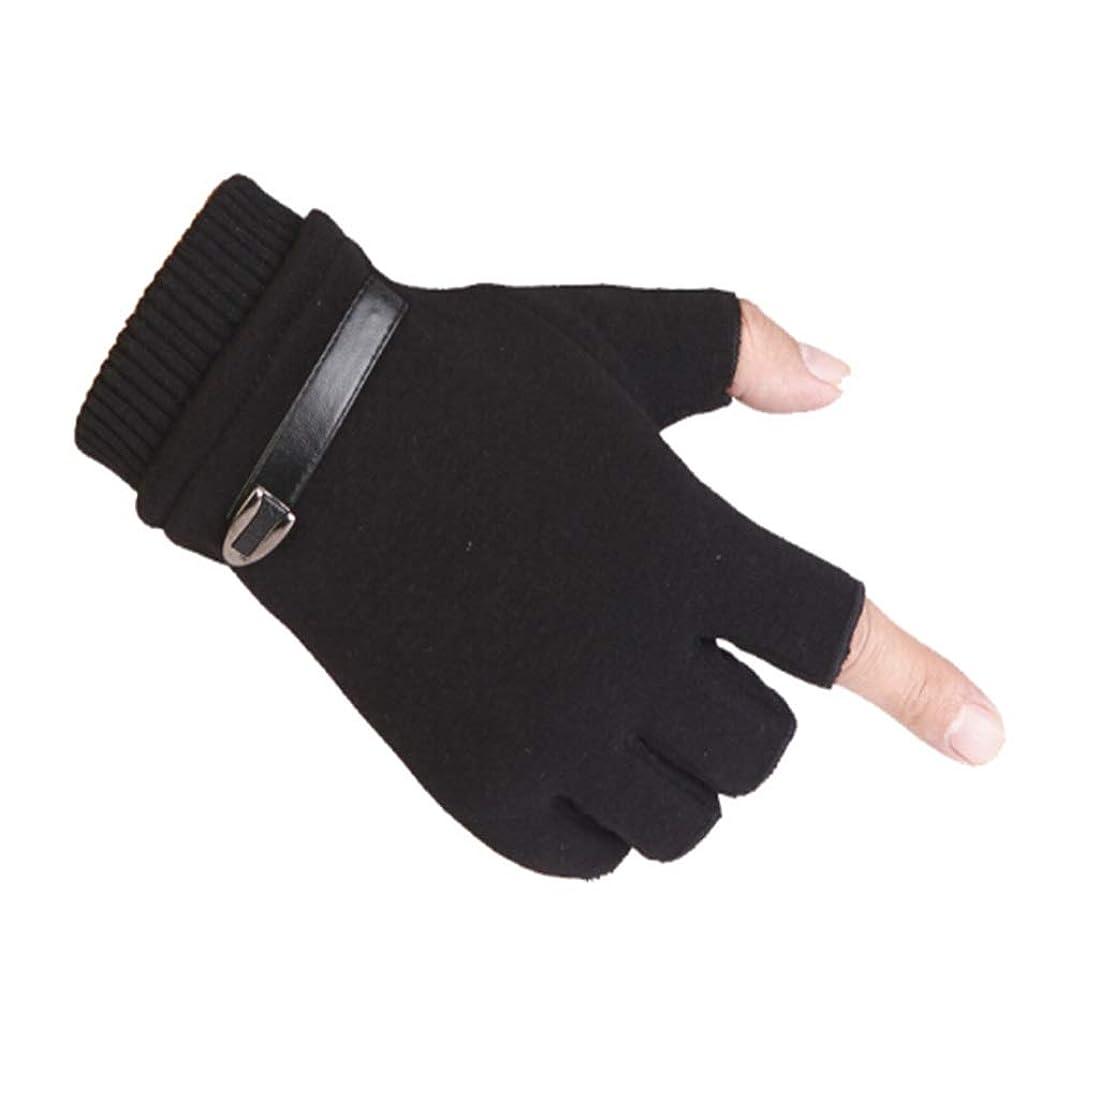 夜トランザクション蚊秋と冬プラスベルベット肥厚ハーフフィンガー手袋男性と女性ベルベット生徒は指を離してカップルの手袋黒の男性モデルに乗ってコンピュータタイピングを書くことではない